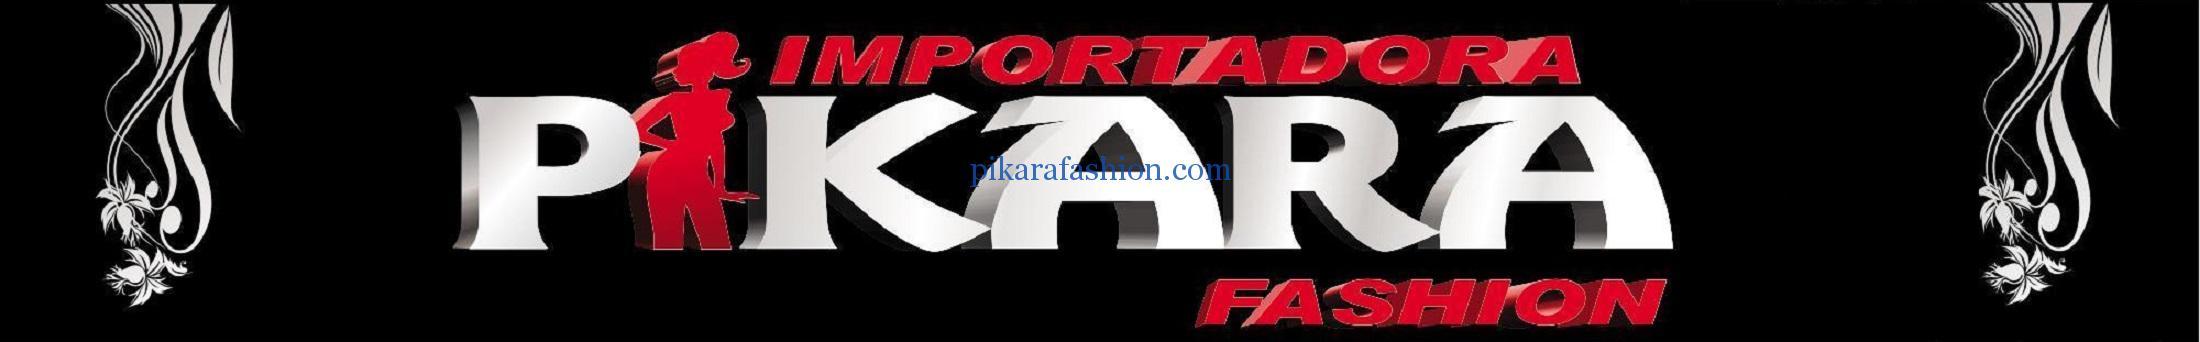 IMPORTADORA PIKARA FASHION